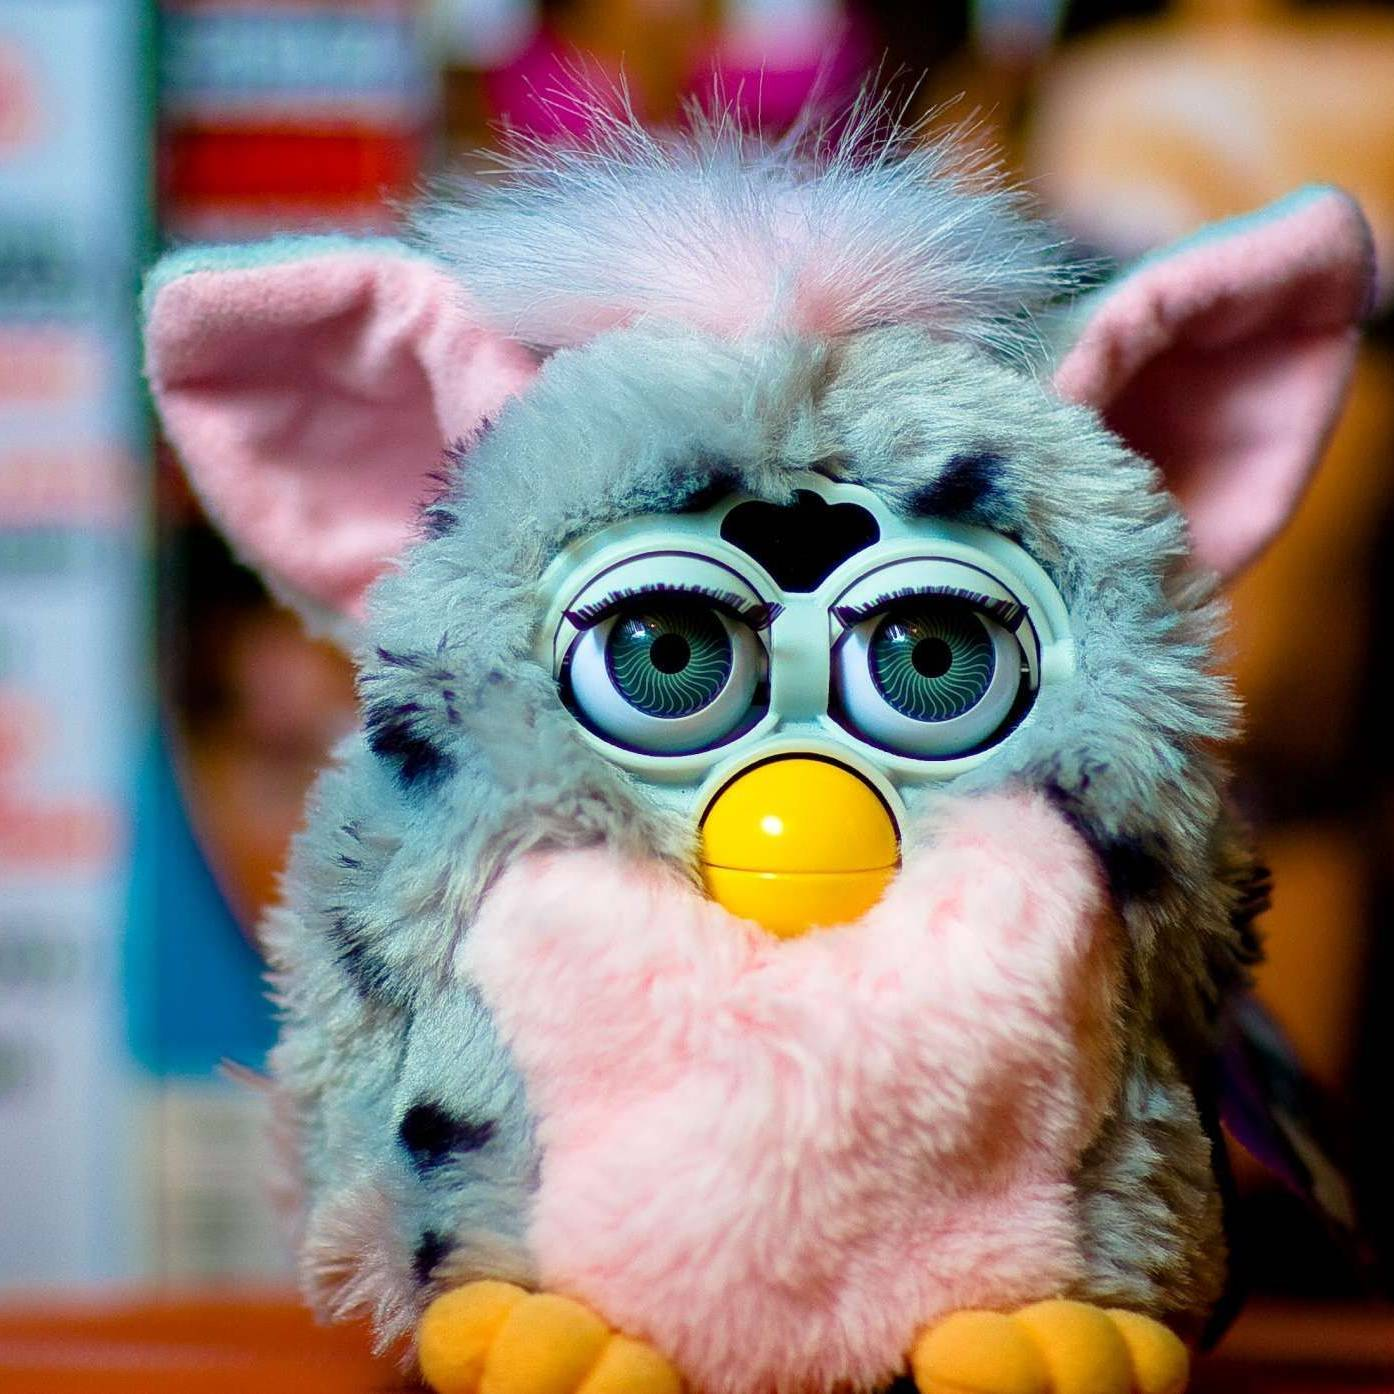 El Furby: El juguete más cariñoso e inquietante de la